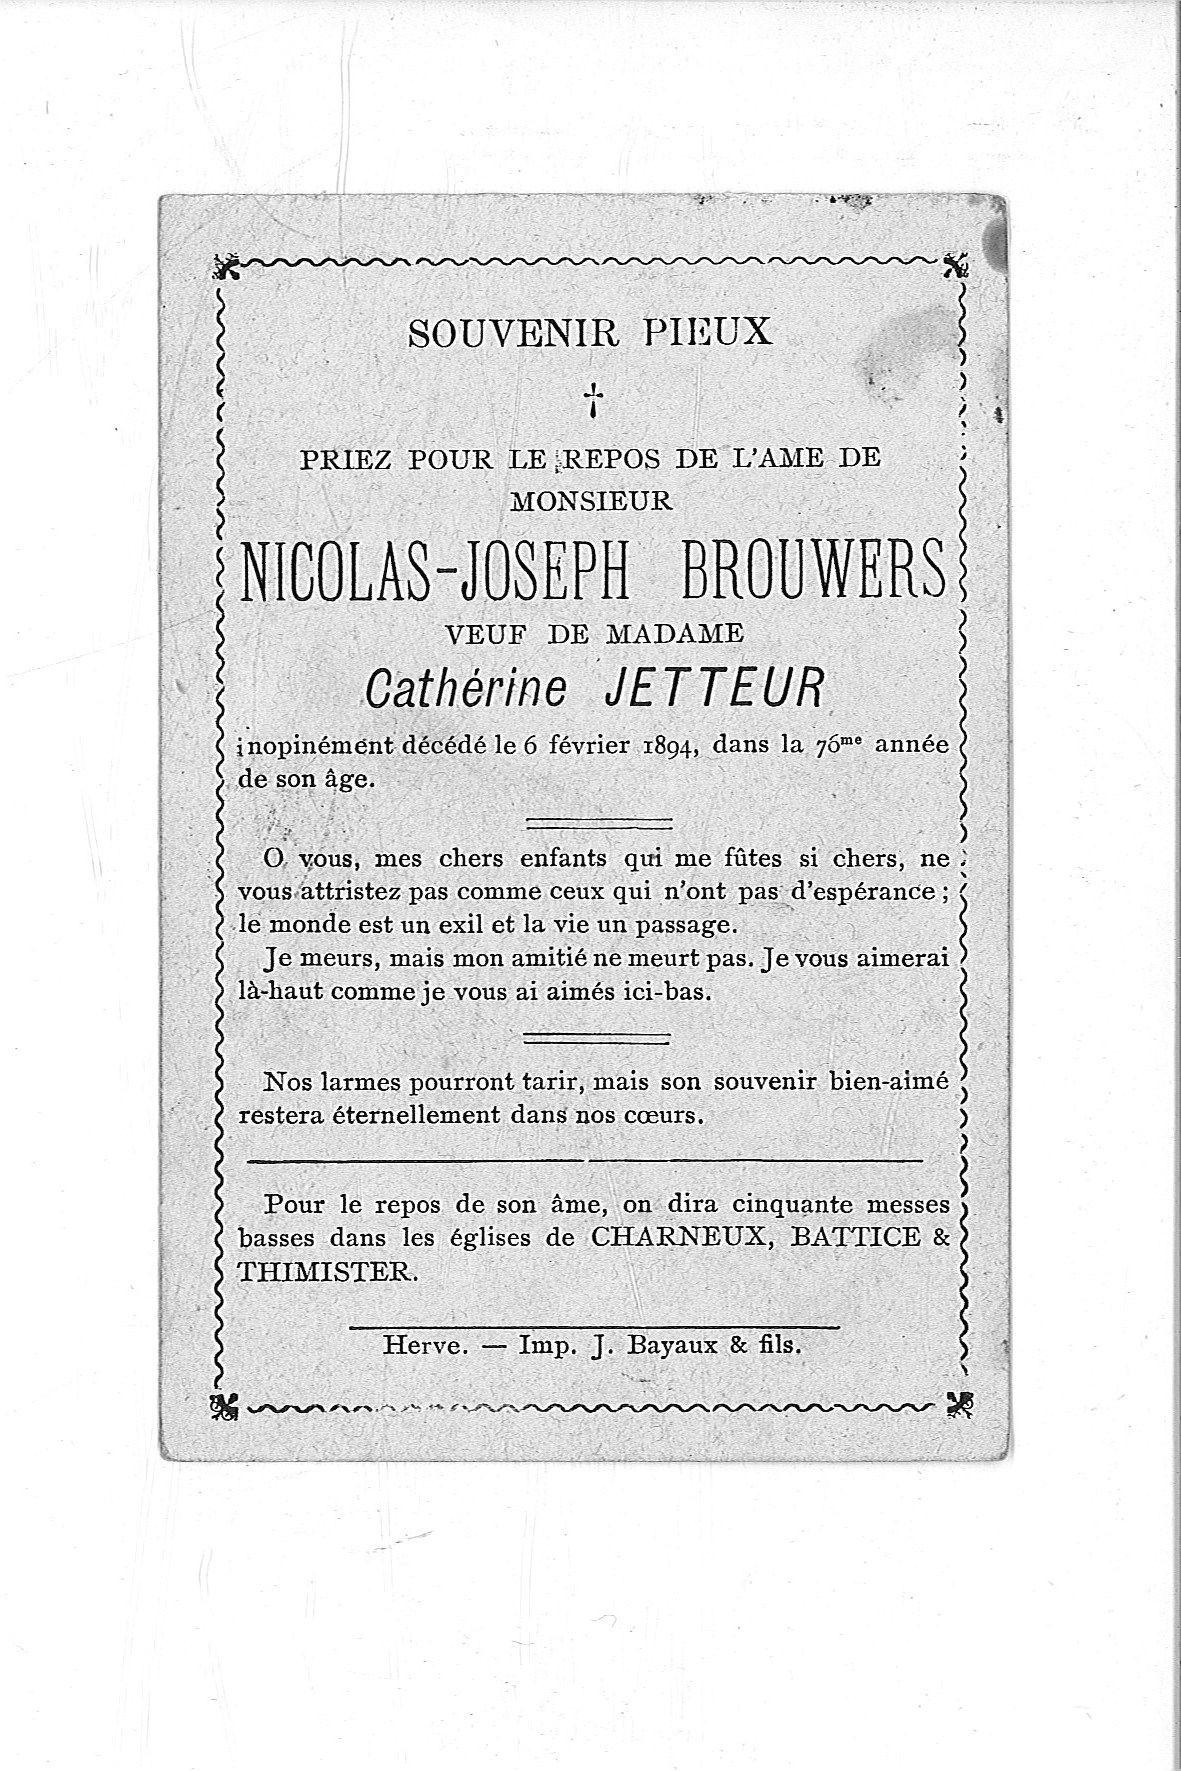 Nicolas-Joseph(1894)20090828134945_00024.jpg